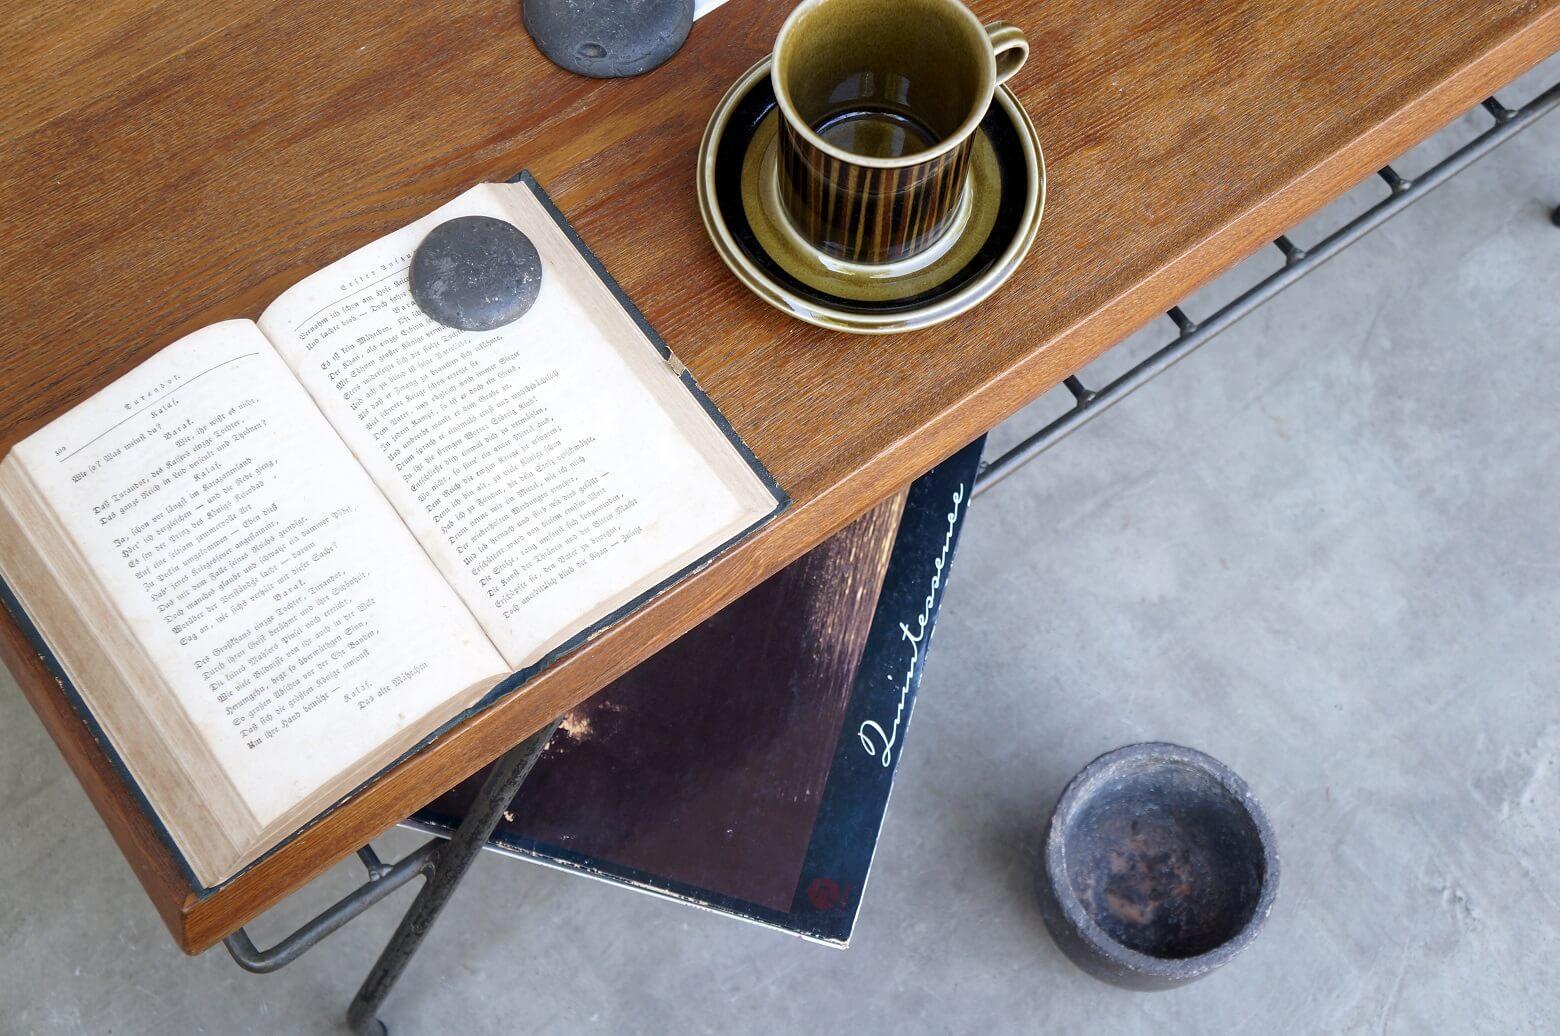 ACME Furniture BELLS FACTORY COFFEE TABLE SMALL 90cm / アクメ ファニチャー ベルズ ファクトリー コーヒーテーブル 【商品説明】 近年のインダストリアルインテリアブームの 火付け役として、アメリカンヴィンテージスタイルの インテリアアイテムを販売しているACME FURNITURE. ヴィンテージ家具の雰囲気や素材感を忠実に再現するだけではなく 現代の日本の暮らしにフィットするよう考慮し、設計されている為、 かっこいいけど大きくて置けないという アメリカ家具あるあるのデメリットを 見事に払拭しているのも人気の理由です。 この度入荷致しました、こちらのコーヒーテーブルも、 1人暮らしにもおすすめのサイズ感で、 合わせるソファもウッドやアイアンなど素材を選ばずお使い頂けるデザインです。 風合いのある天板とアイアンを組み合わせることで重厚感のある仕上がりとなっており 天板の下には雑誌やリモコンなどを置ける棚があり、実用性も兼ね備えたテーブルです。 ファイヤーキングのマグやアラビアのルスカシリーズなど 合わせるコーヒーカップを選ぶのが楽しくなるこちらのコーヒーテーブル 是非この機会にいかがでしょうか。